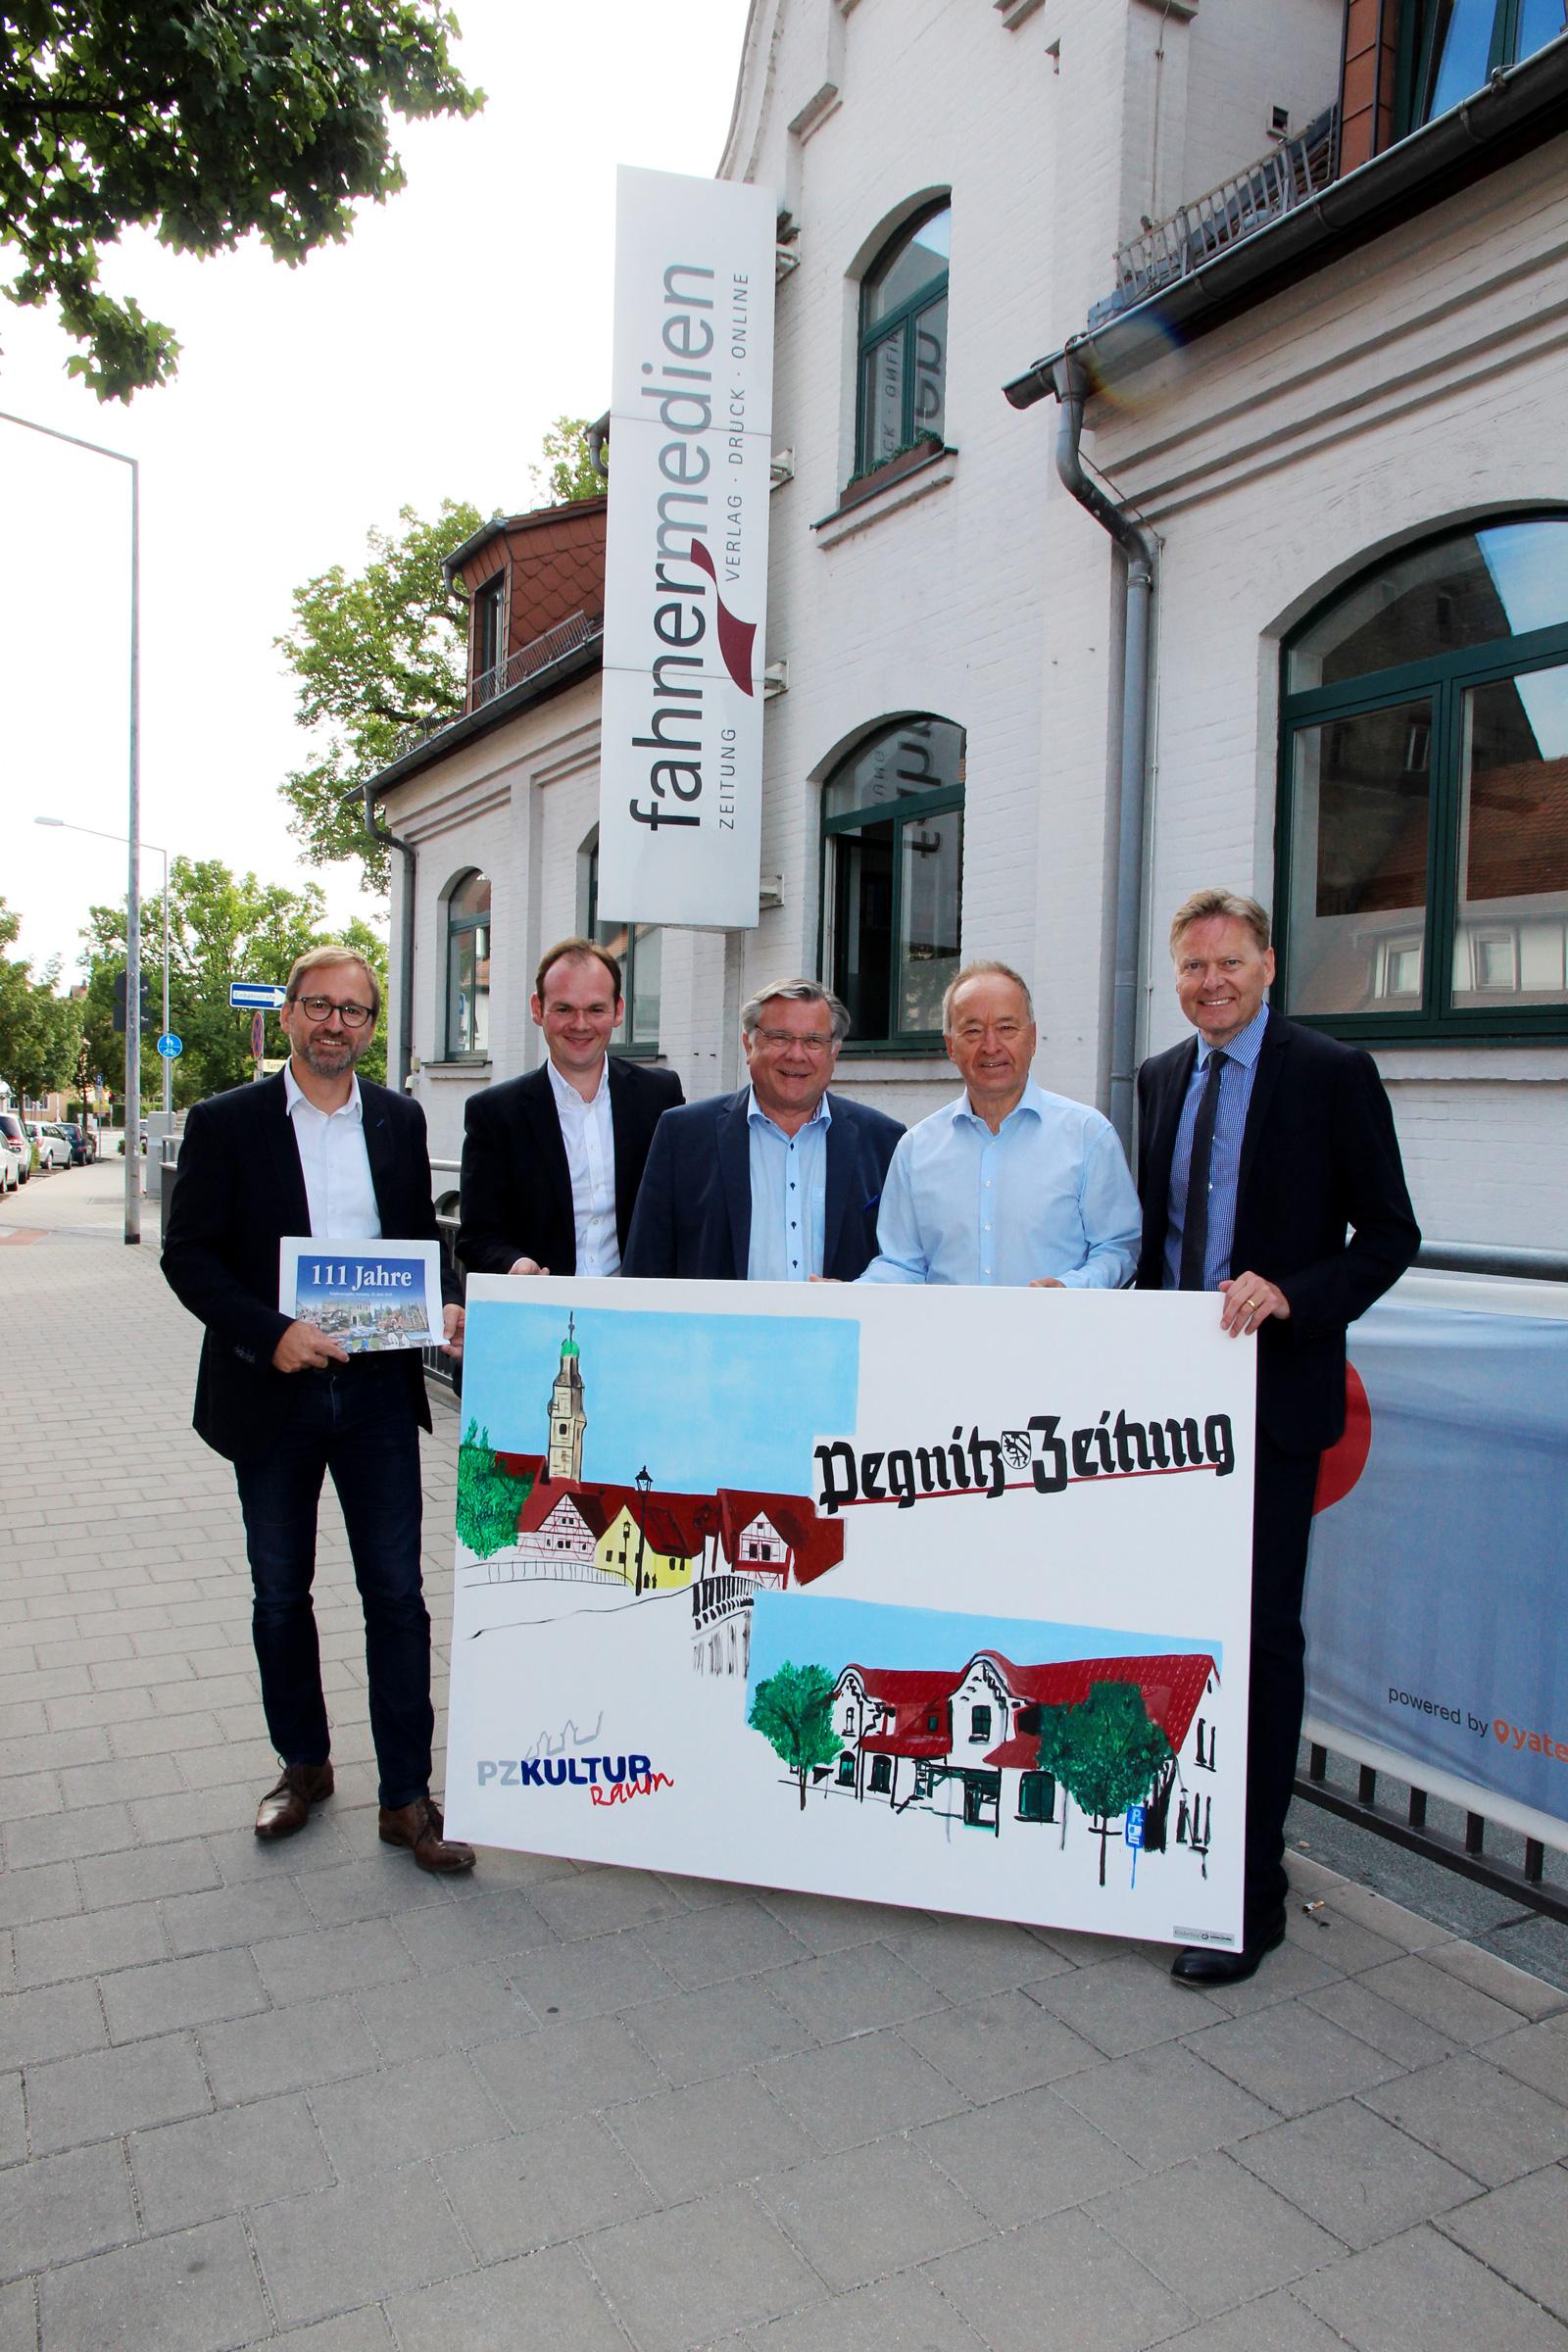 Die Pegnitz-Zeitung feiert heute 111. Geburtstag. Die Lebenshilfe Nürnberger Land gratulierte mit der Pegnitz-Zeitung auf Leinwand – ein Bild aus unserer Frühförderung.